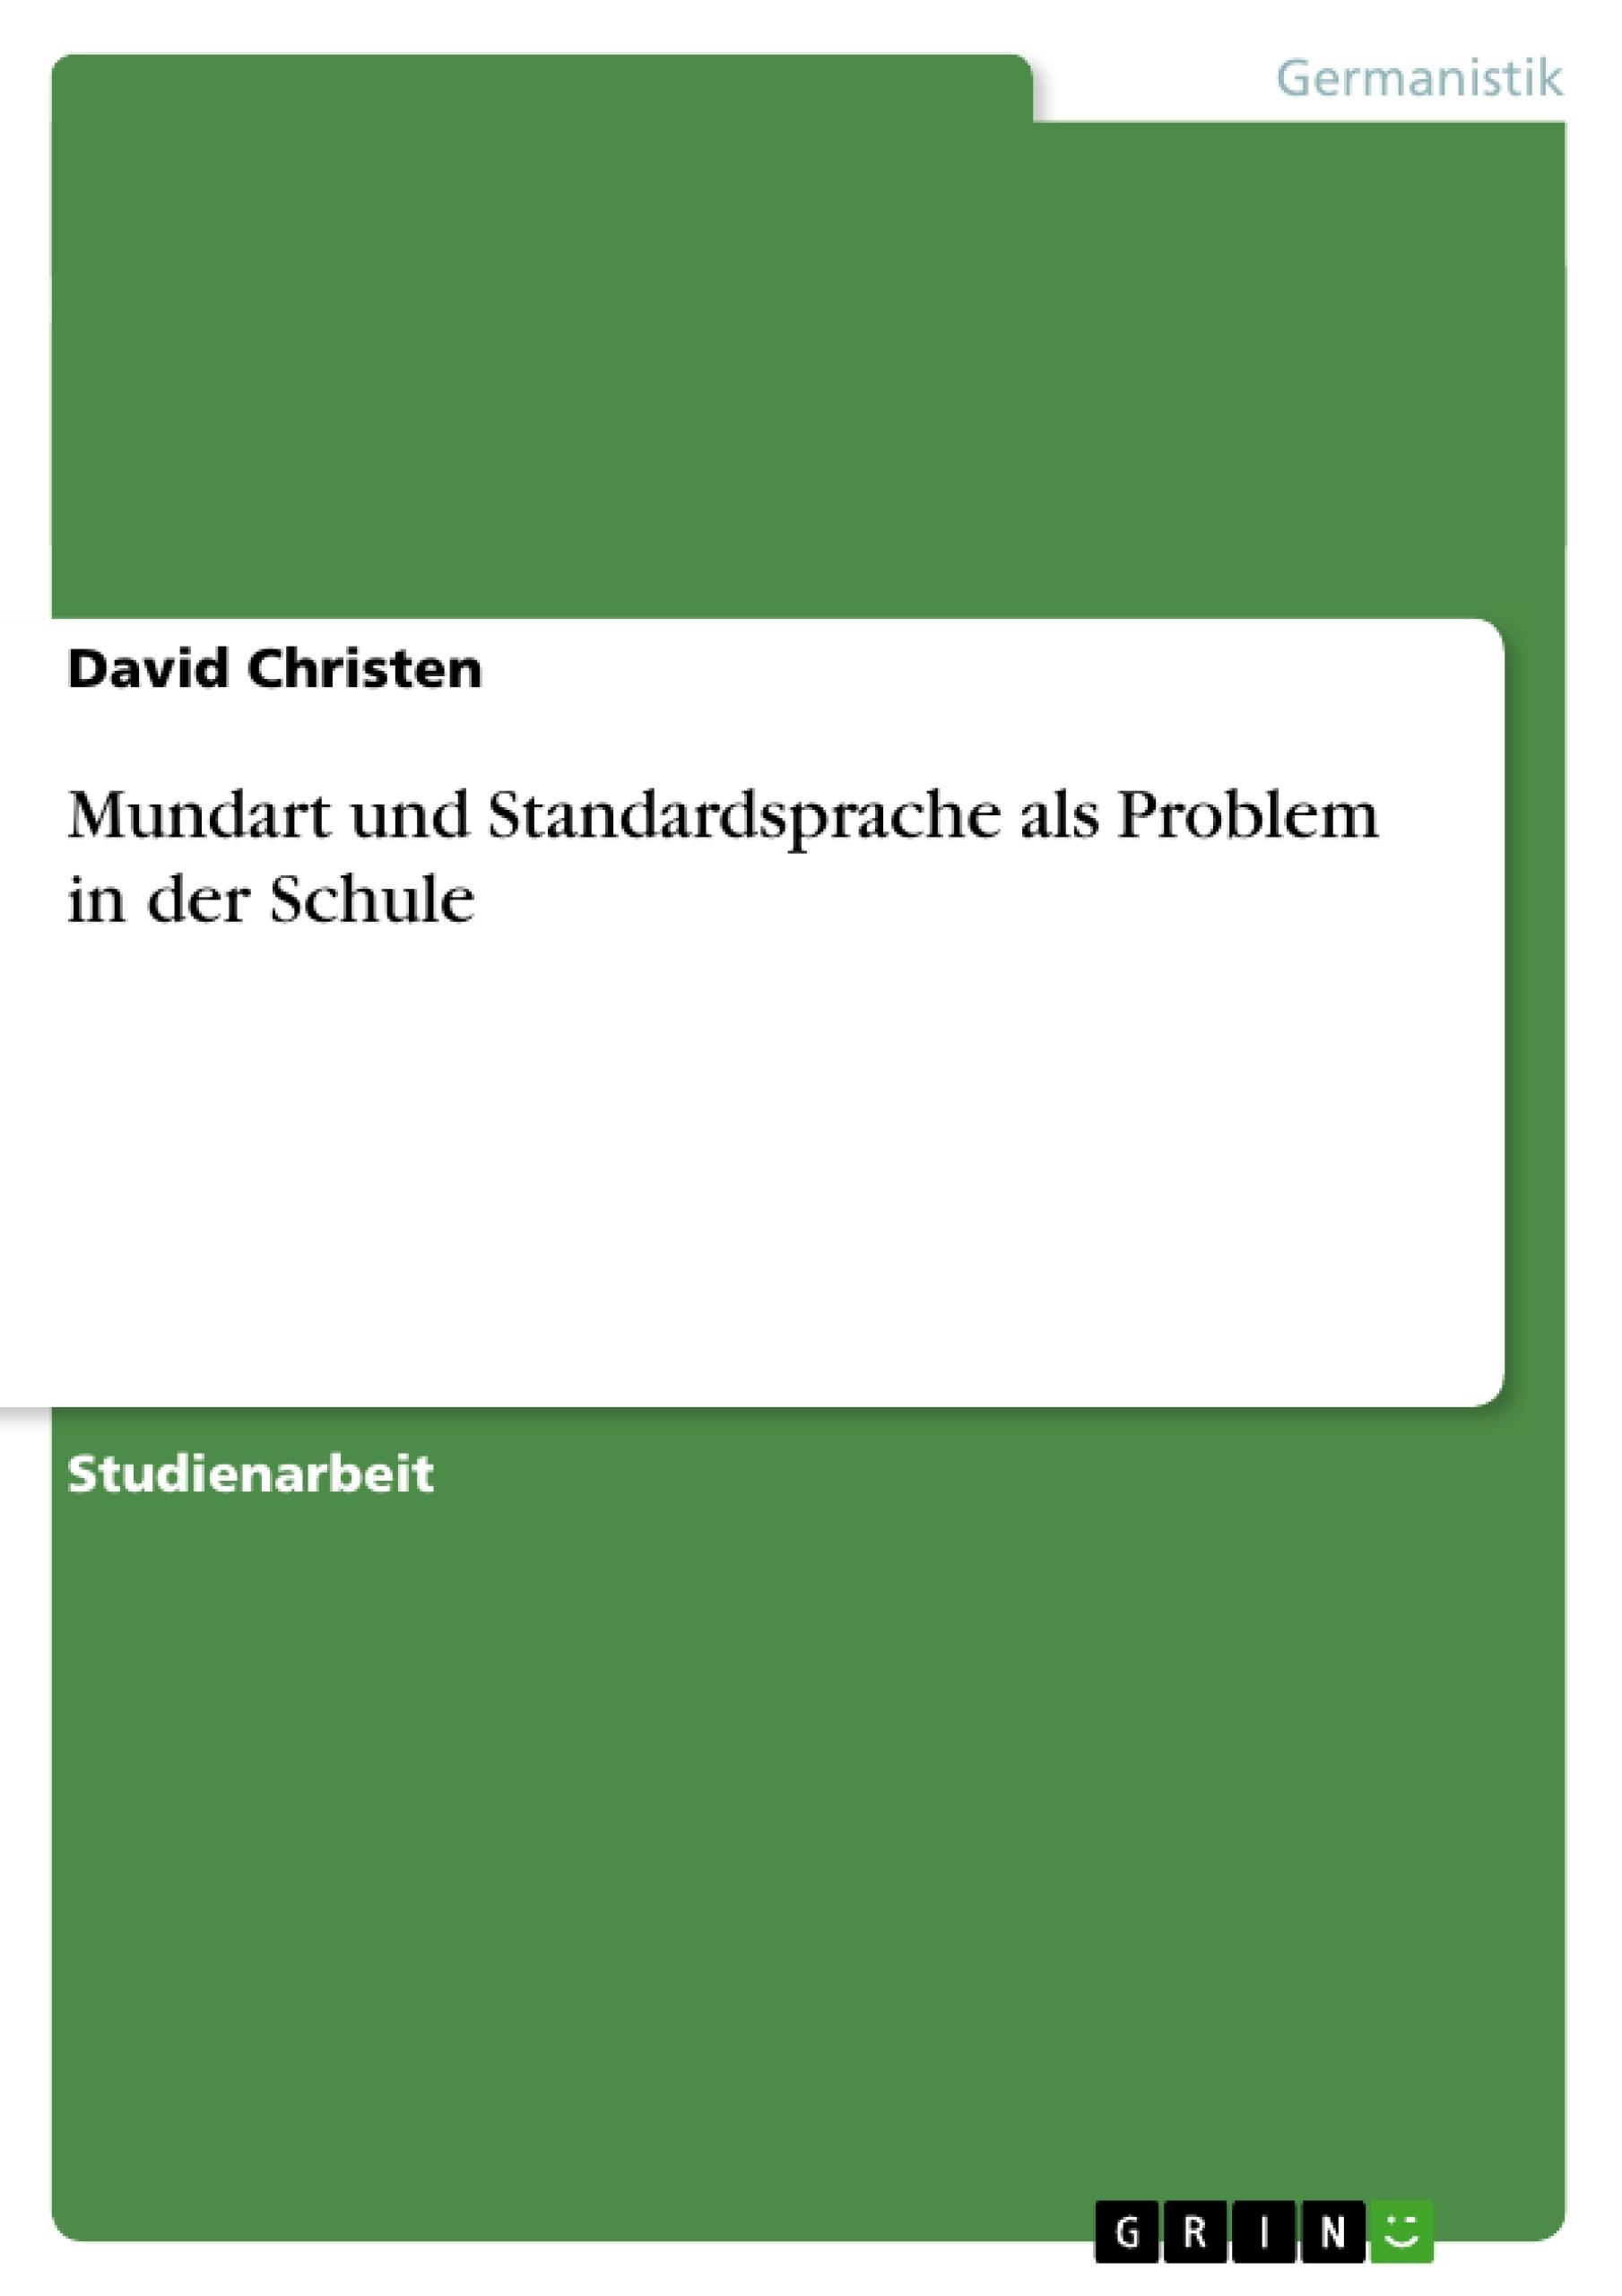 Titel: Mundart und Standardsprache als Problem in der Schule